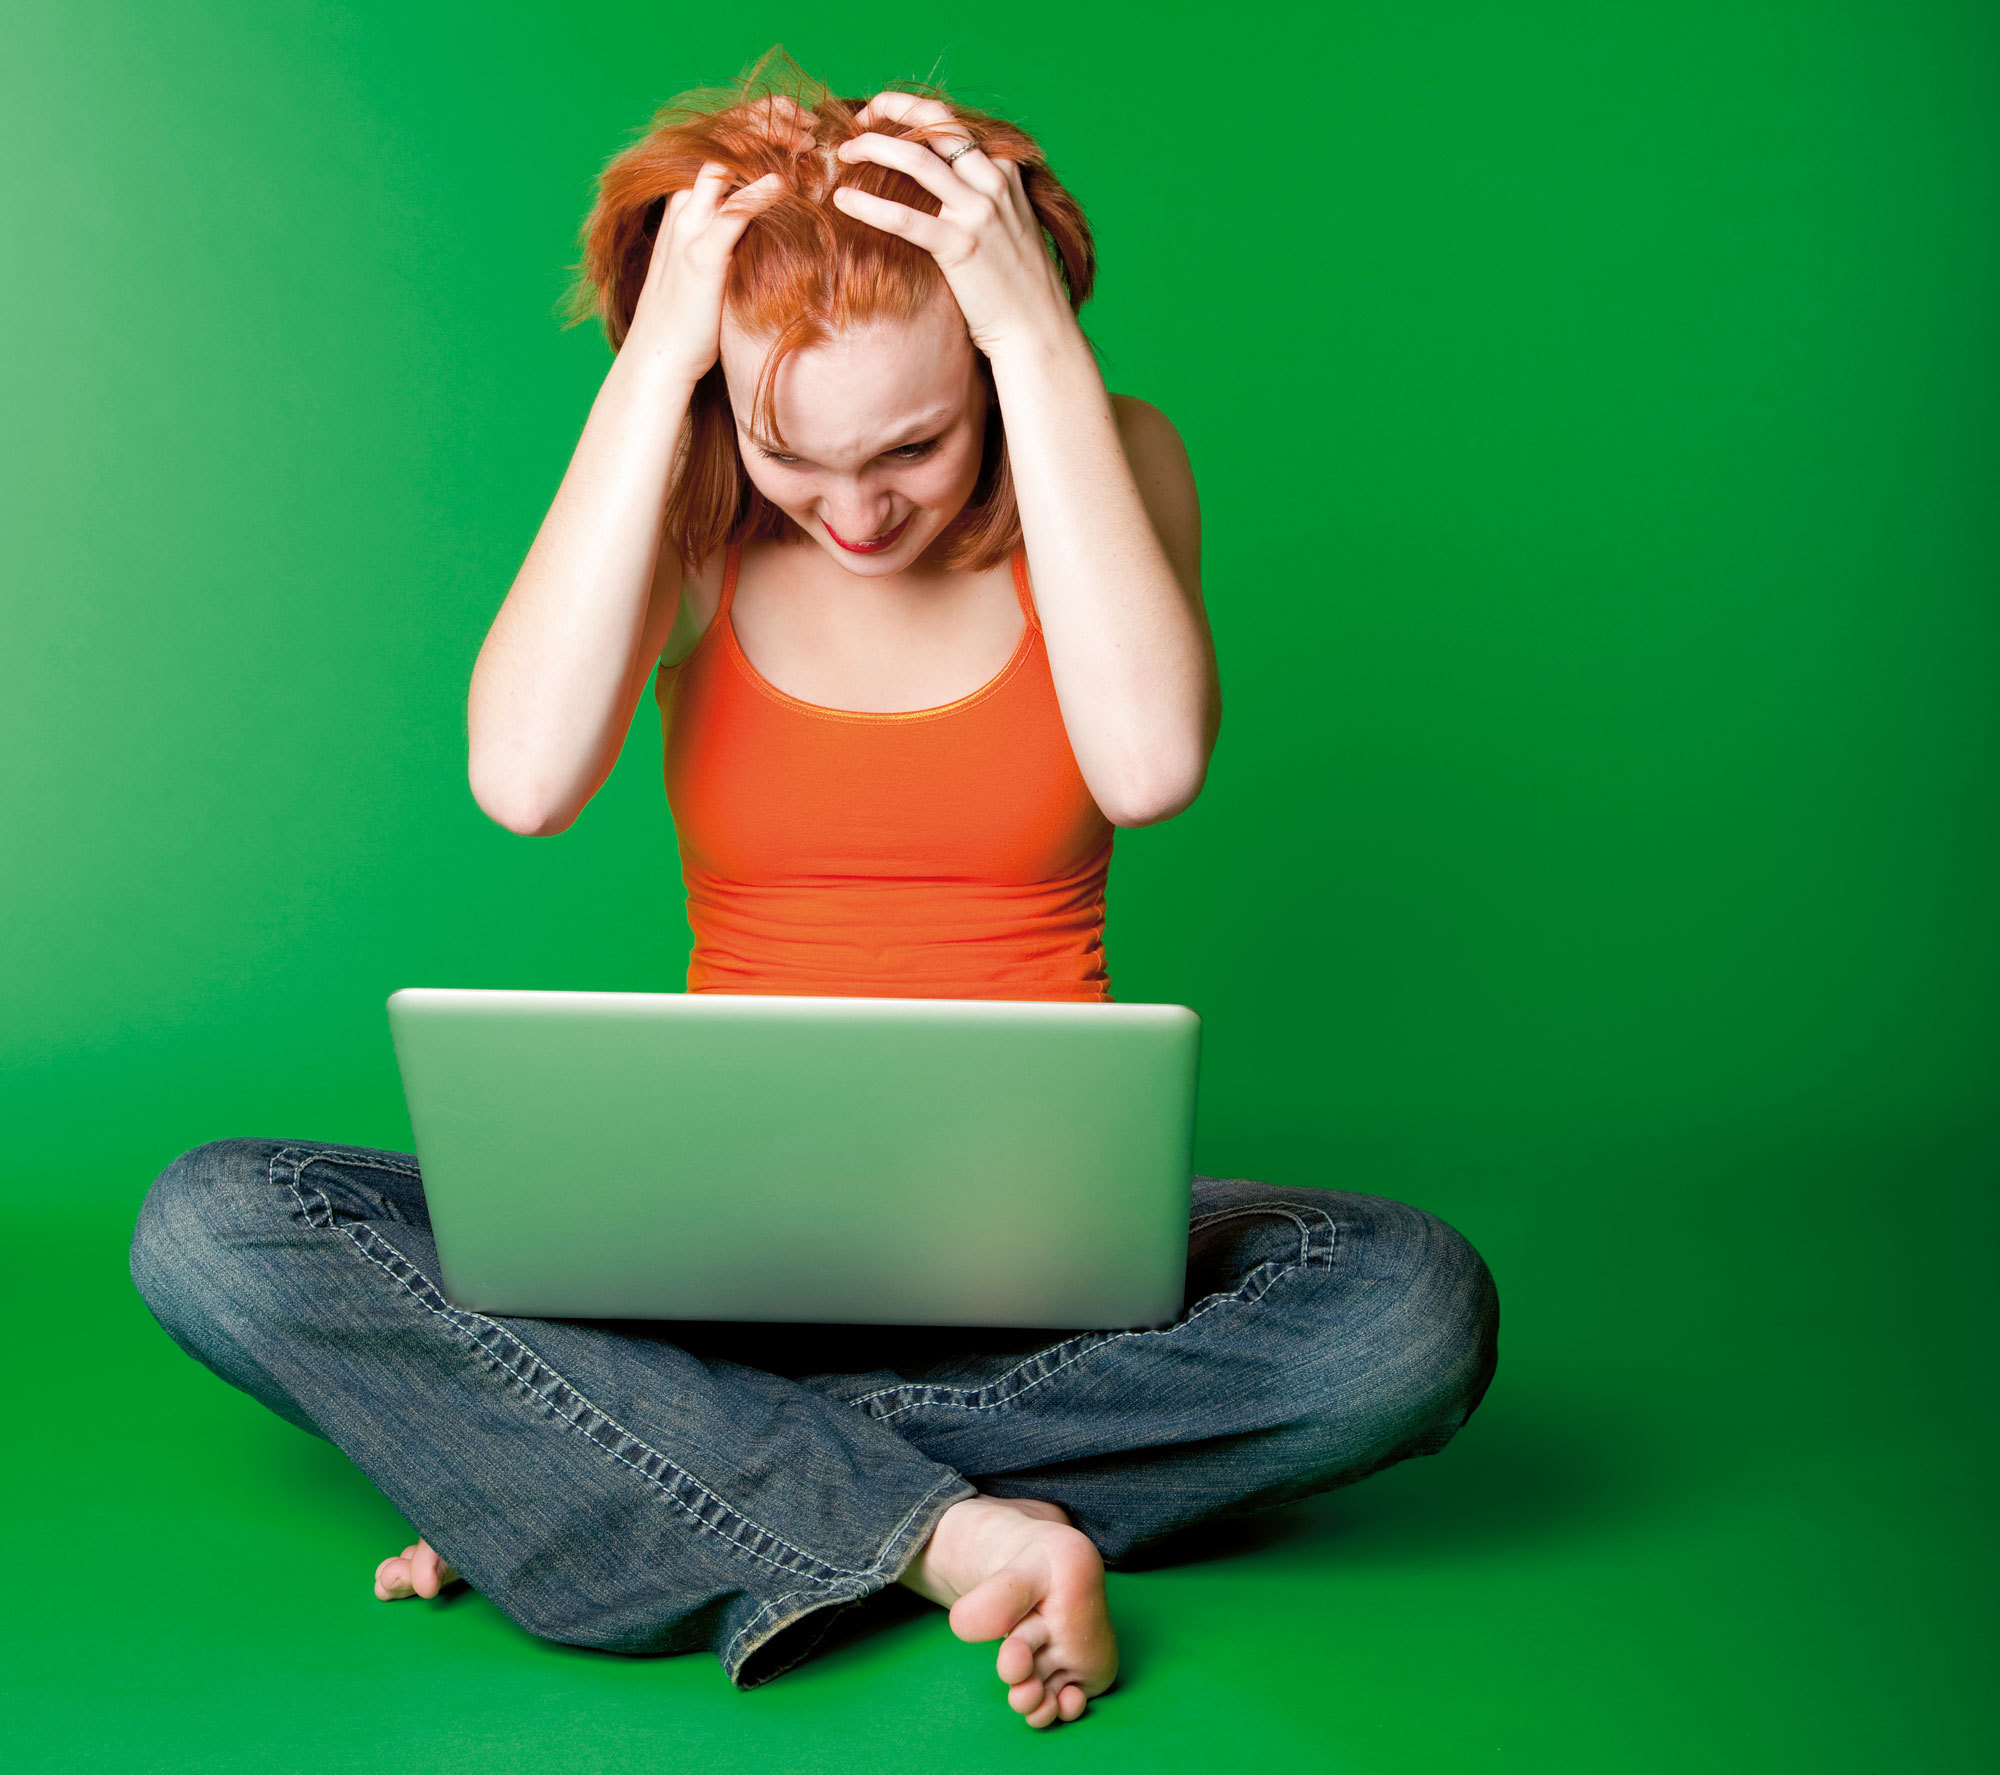 online dating fraude verhalen